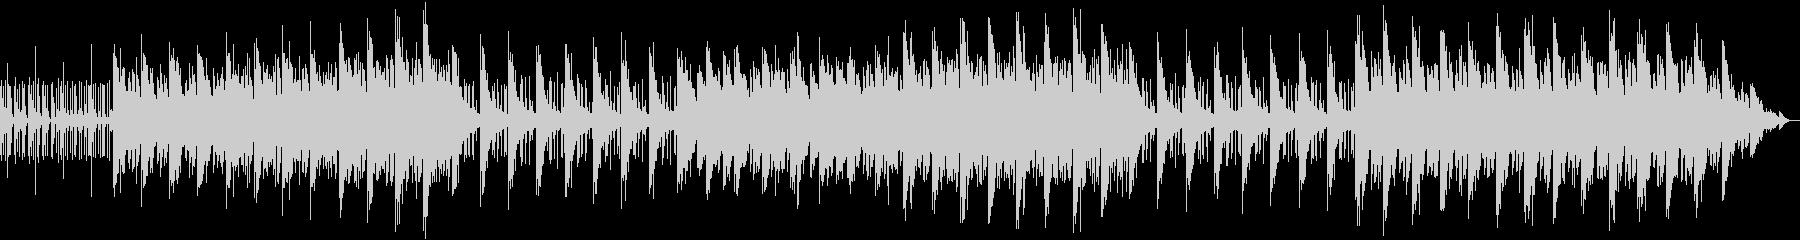 エレキギター・ヒップホップ・Lofiの未再生の波形